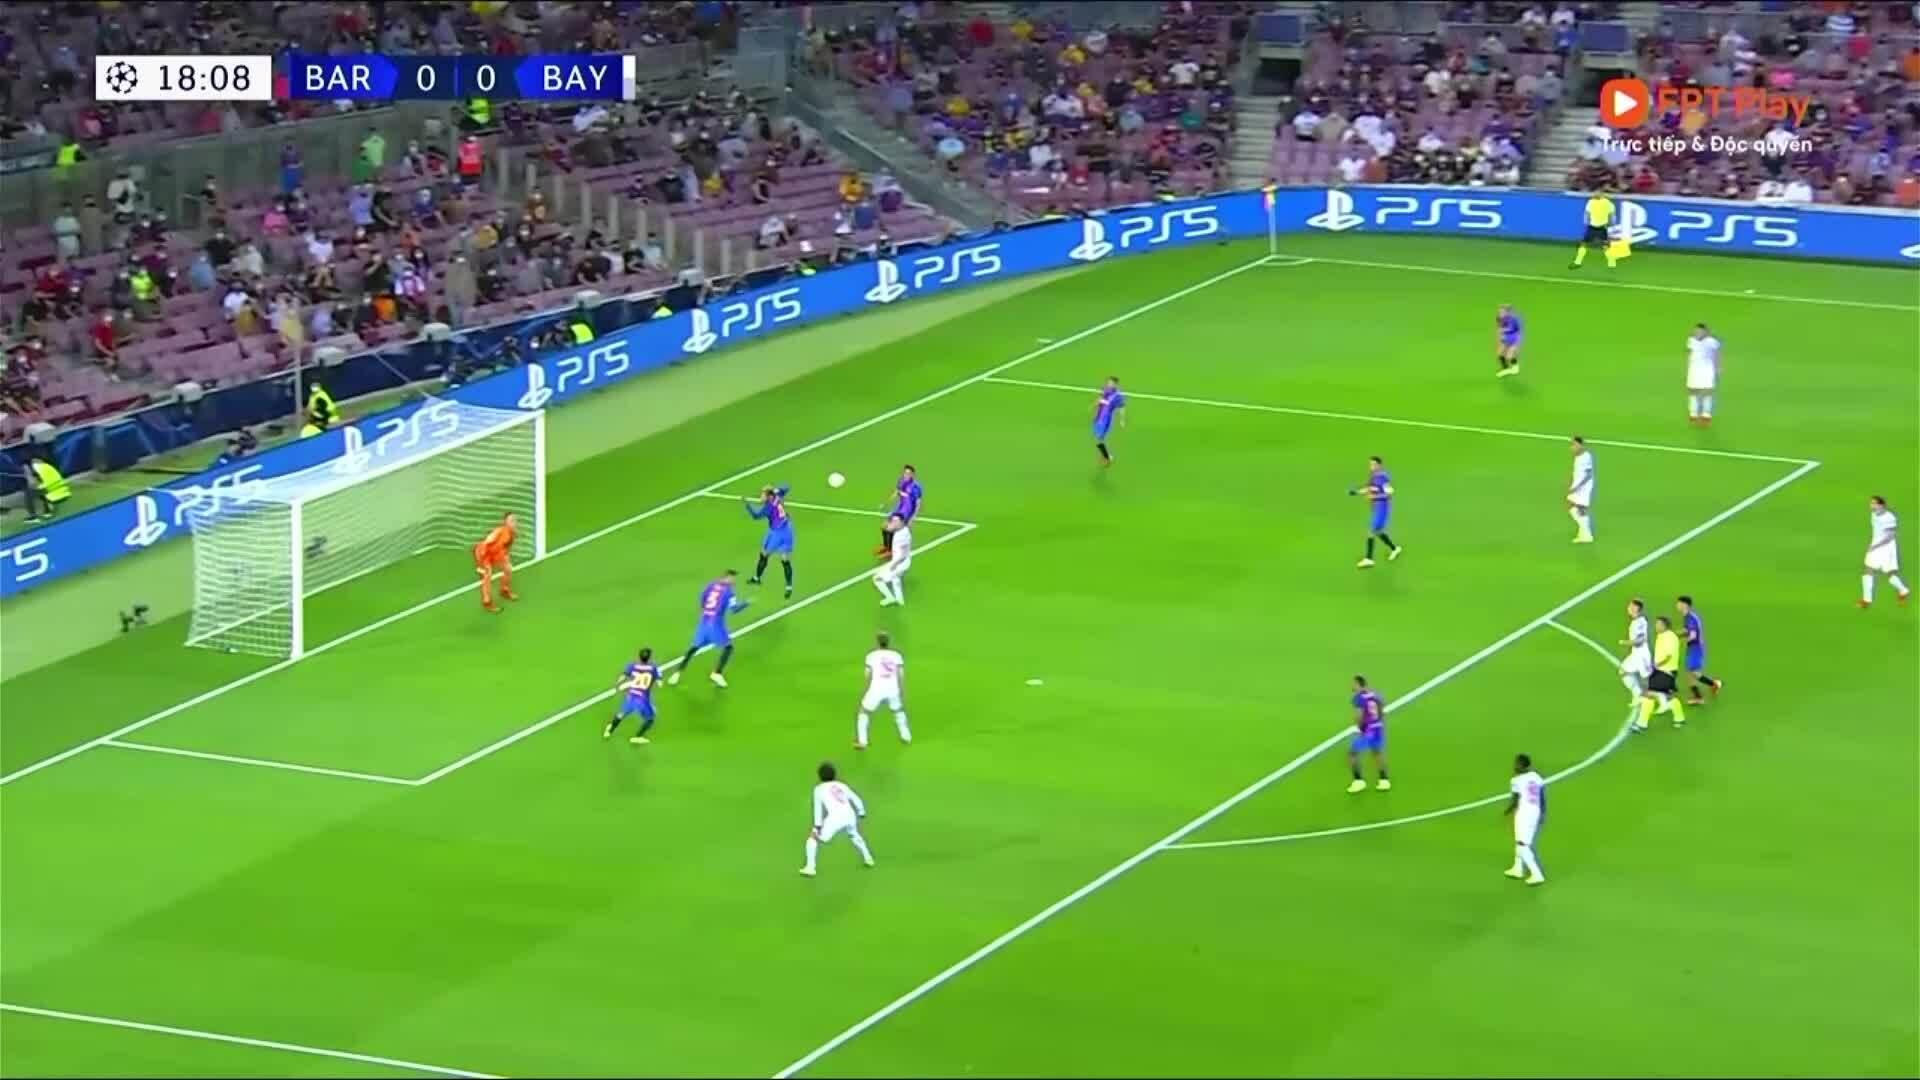 Barca 0-3 Bayern